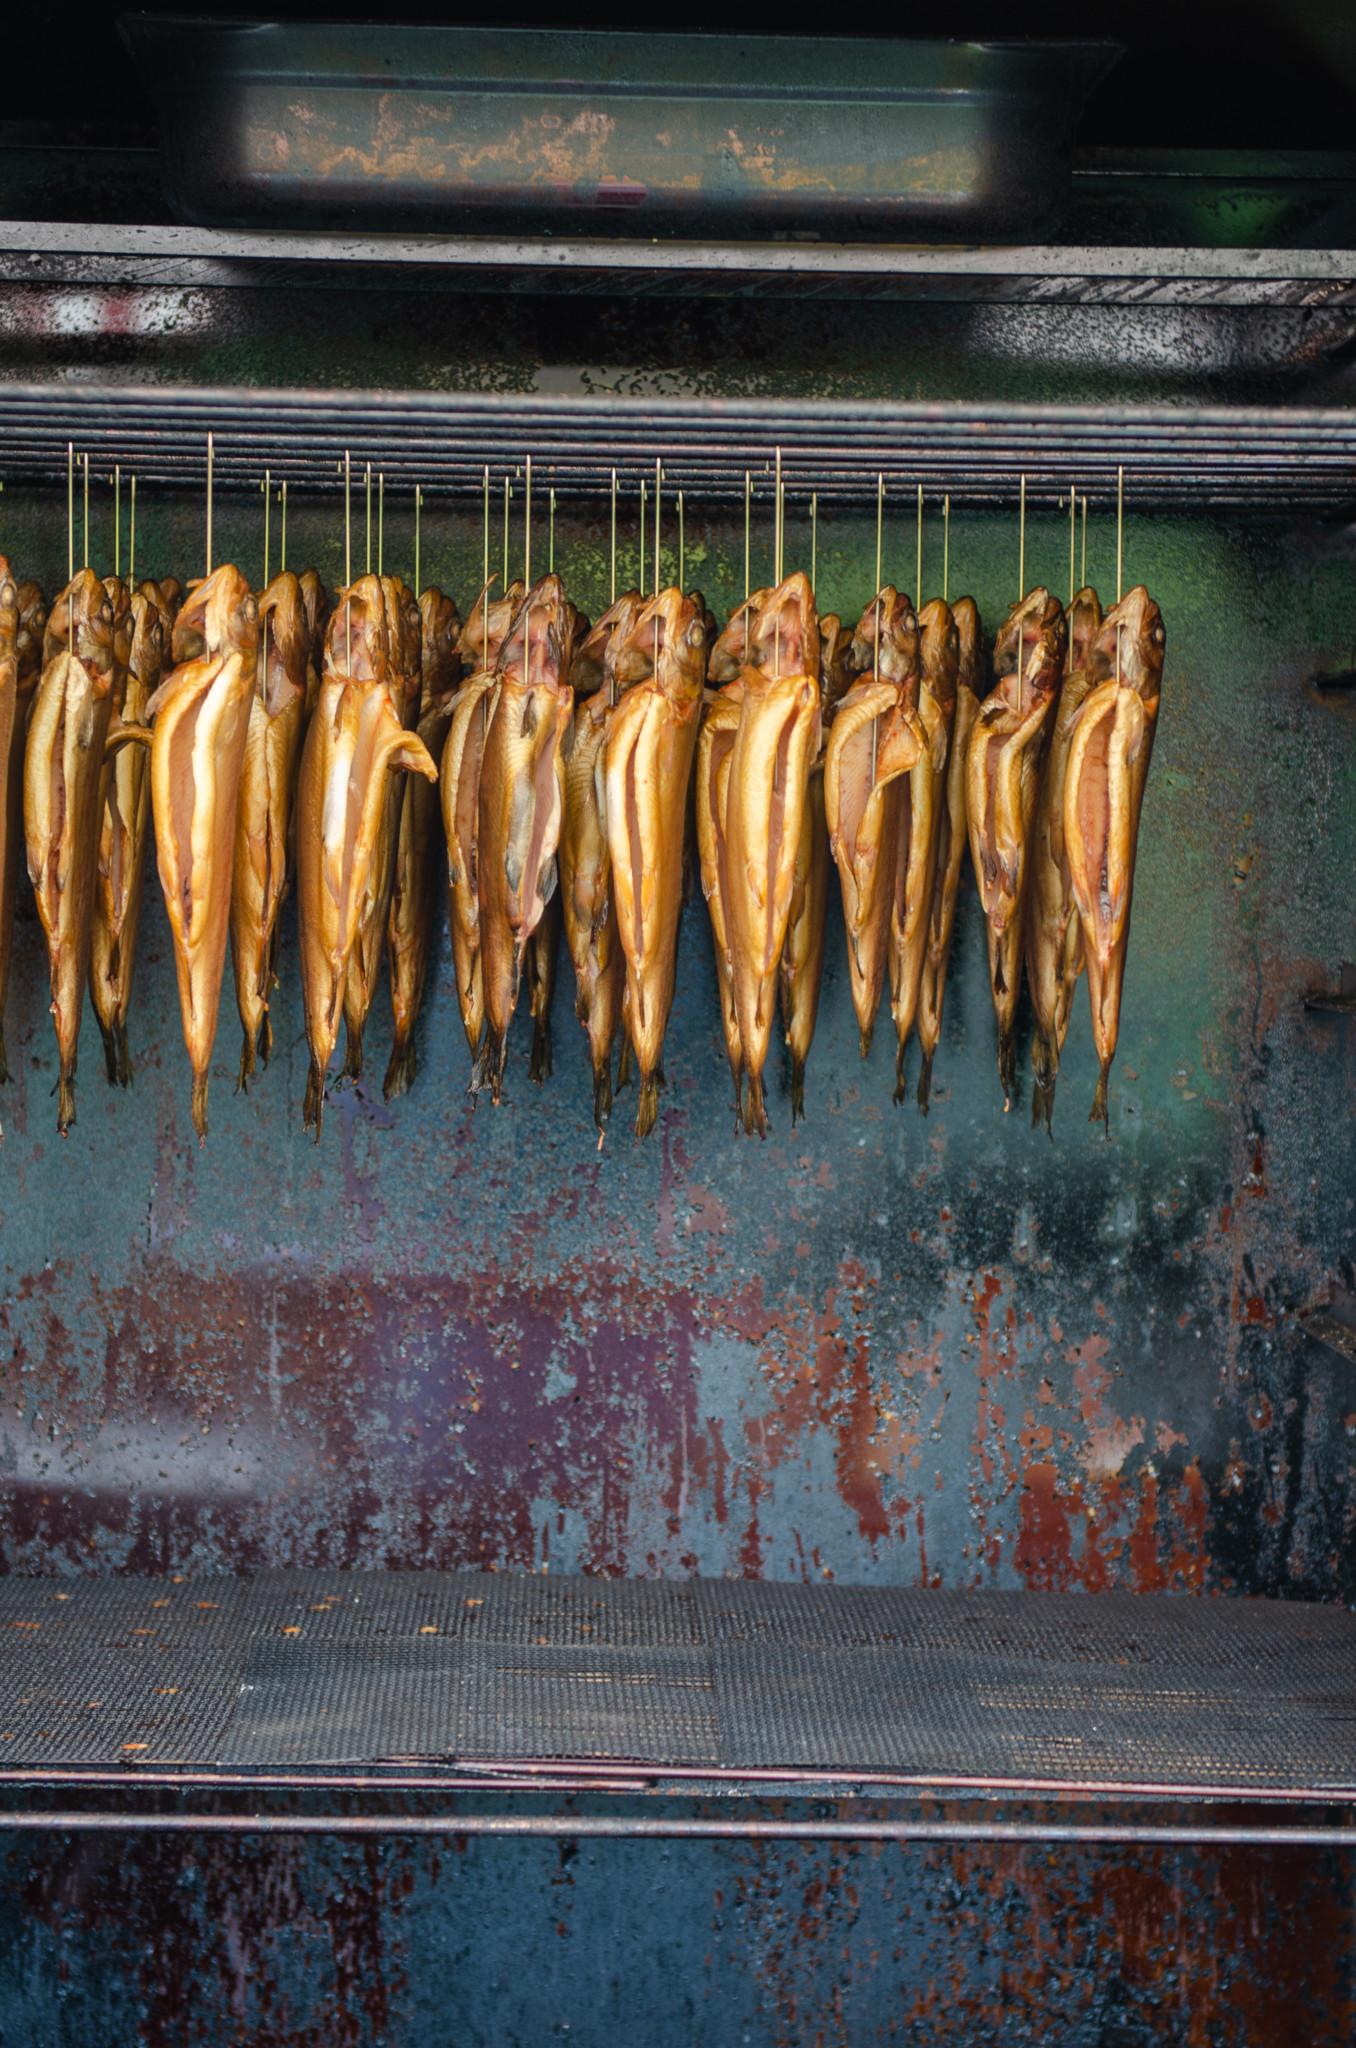 Fisch bei Glut und Späne